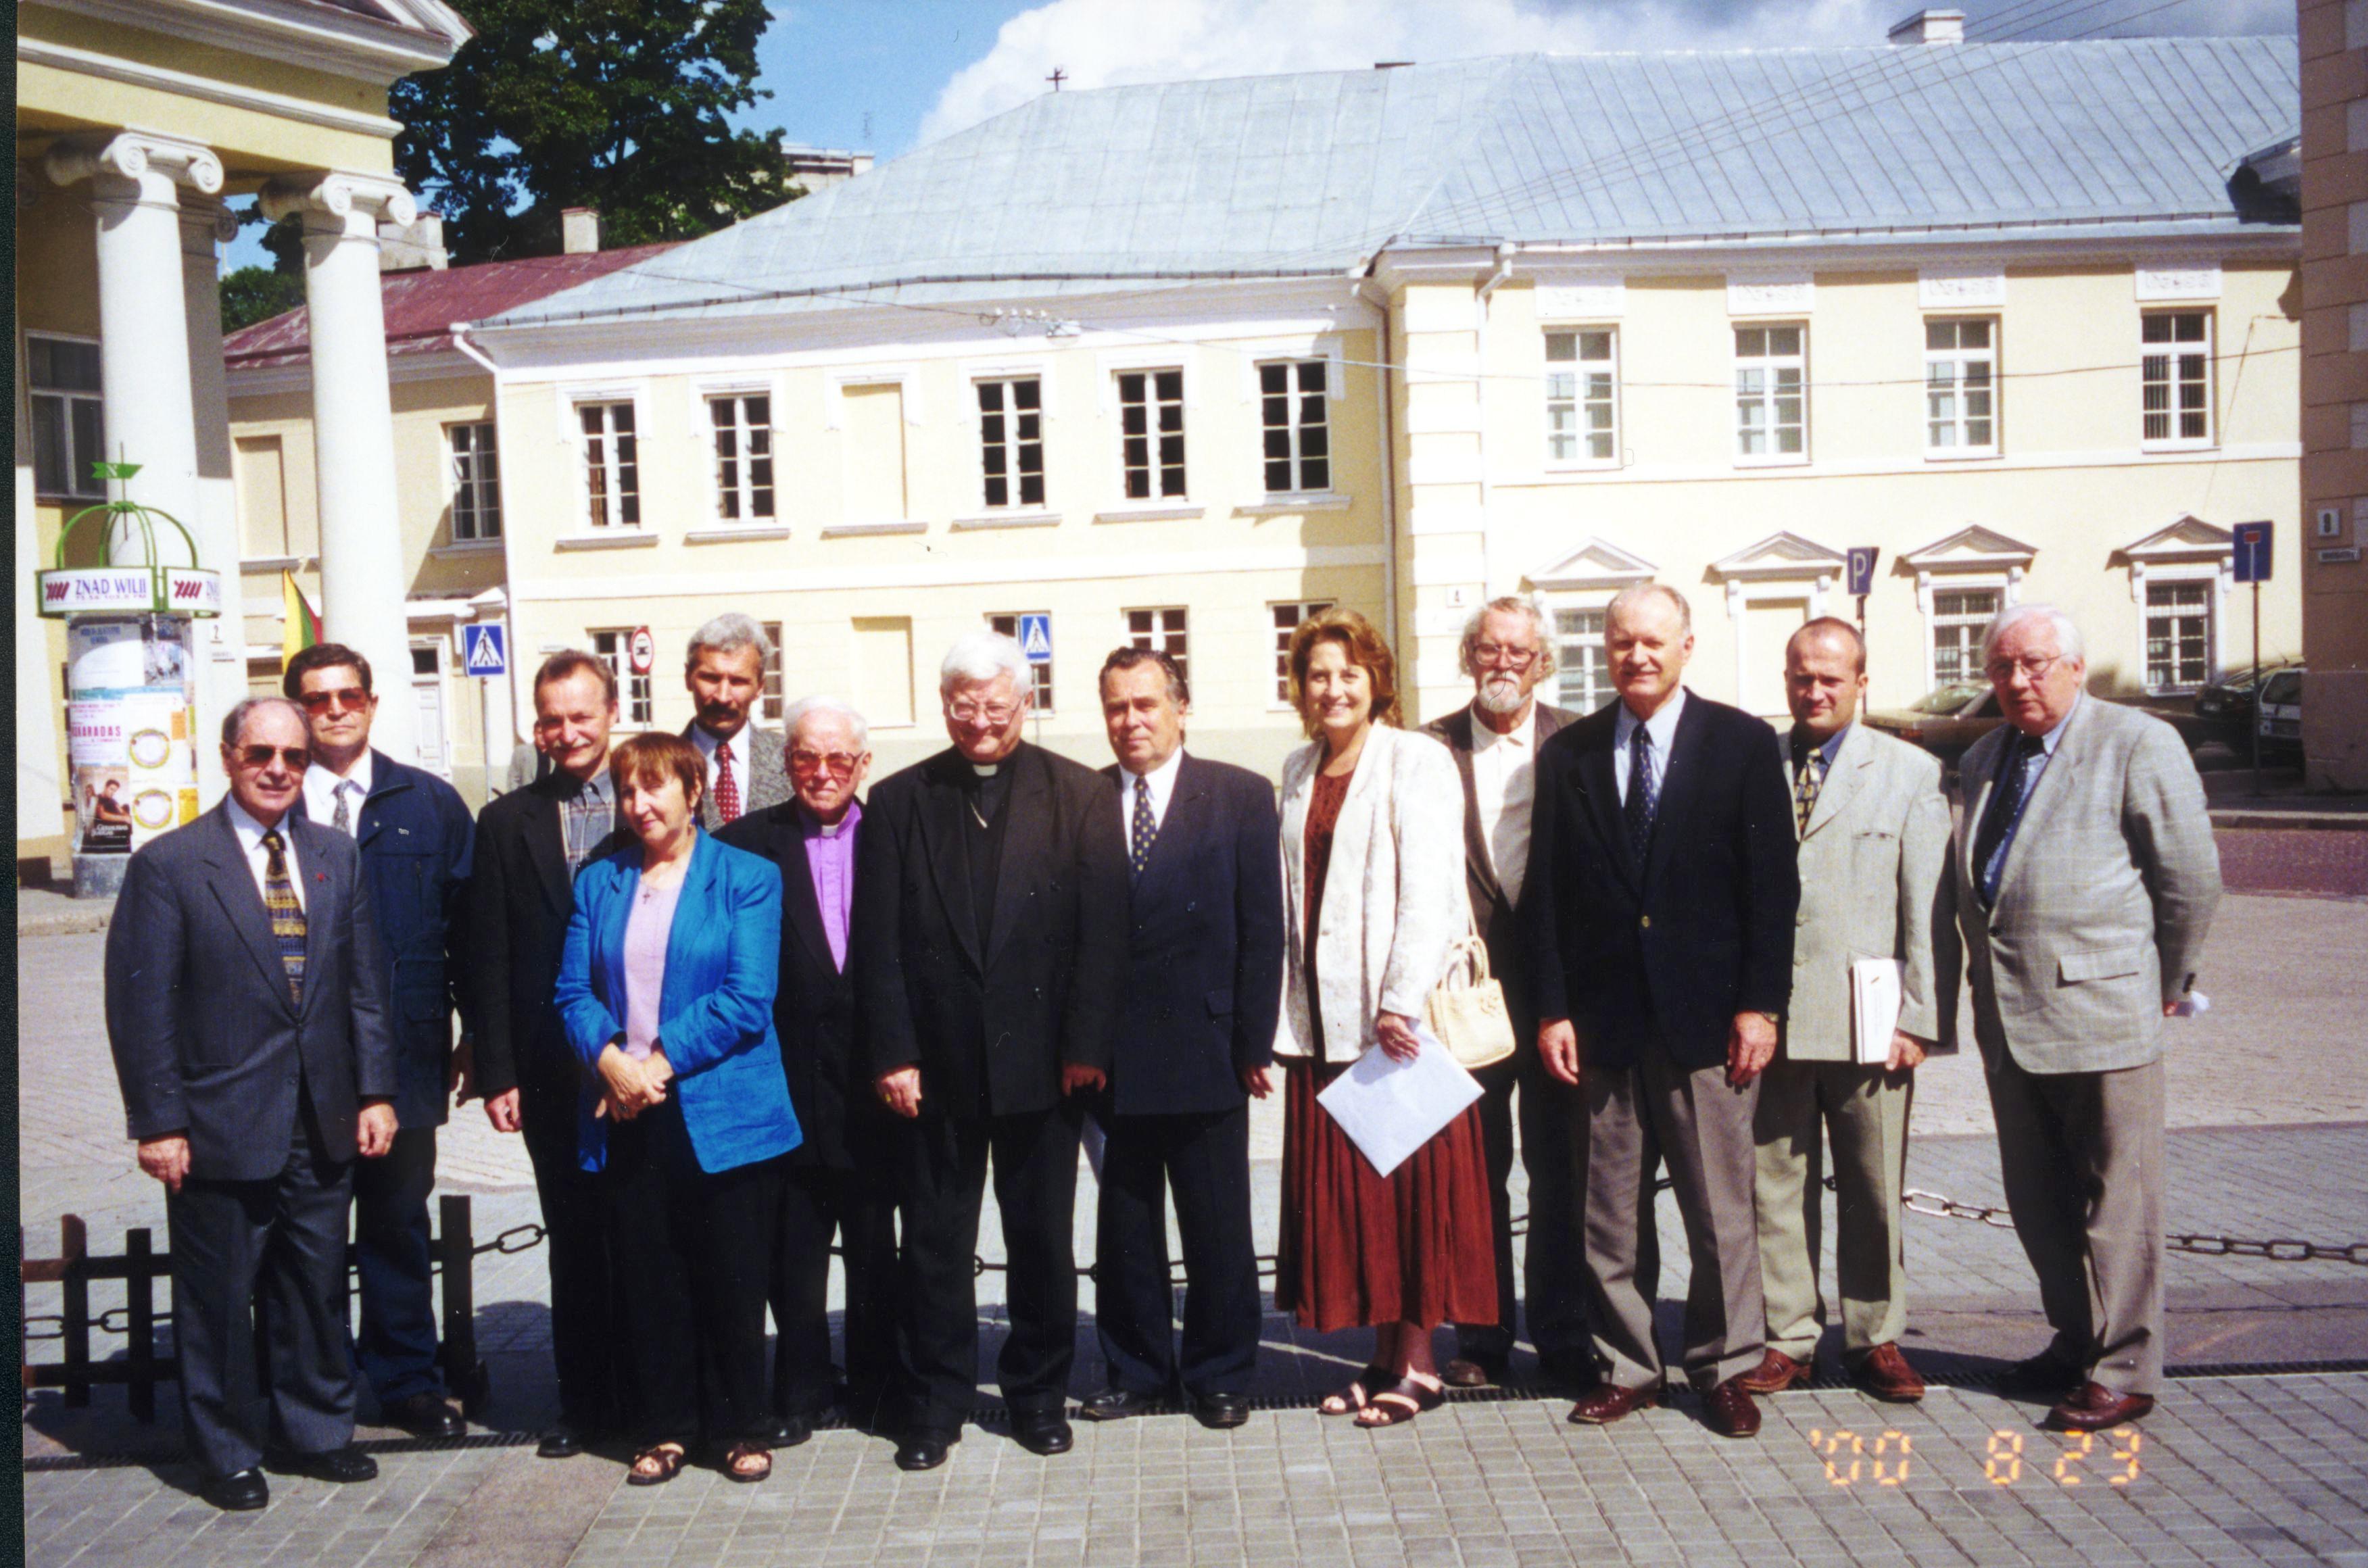 Valdovų rūmų paramos fondo steigėjai S. Daukanto aikštėje, Vilniuje, Fondą įsteigus 2000 m. rugsėjo 23 d.